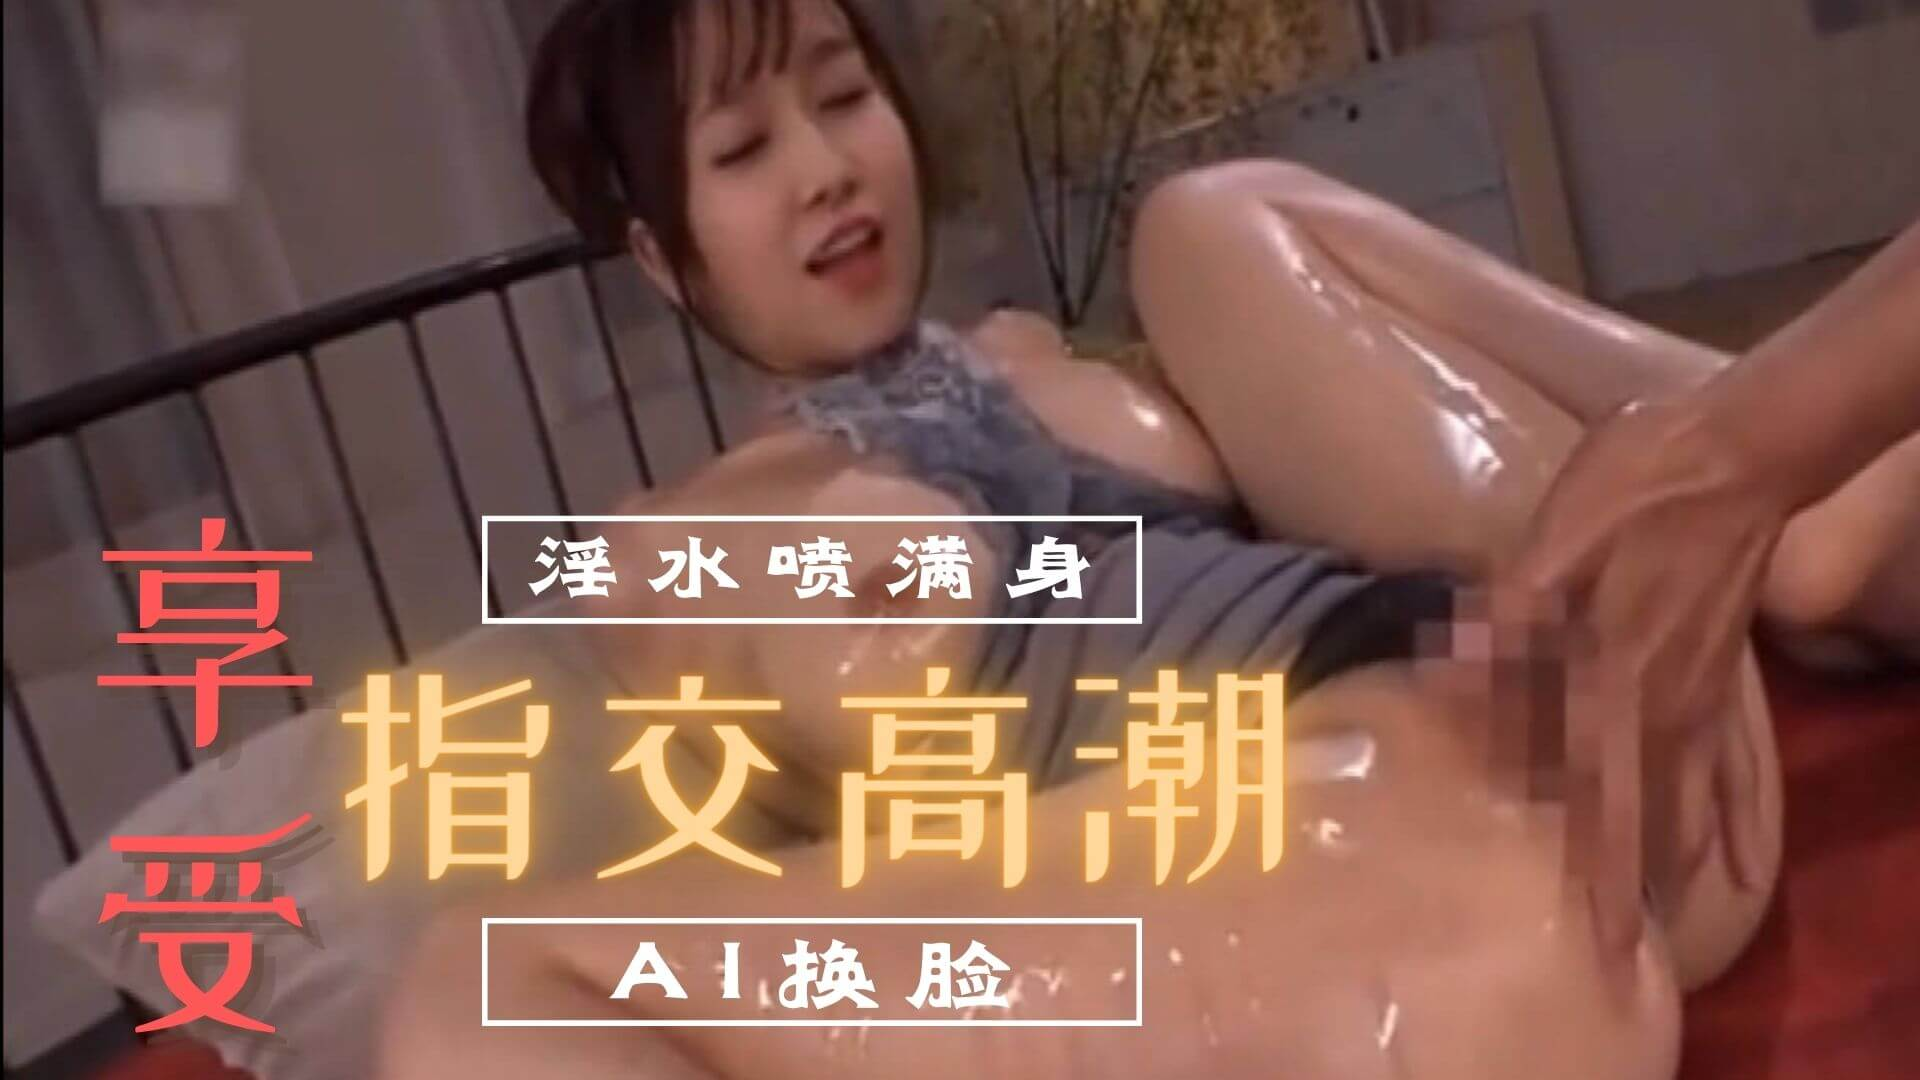 Al—平井桃Momo 操逼合集